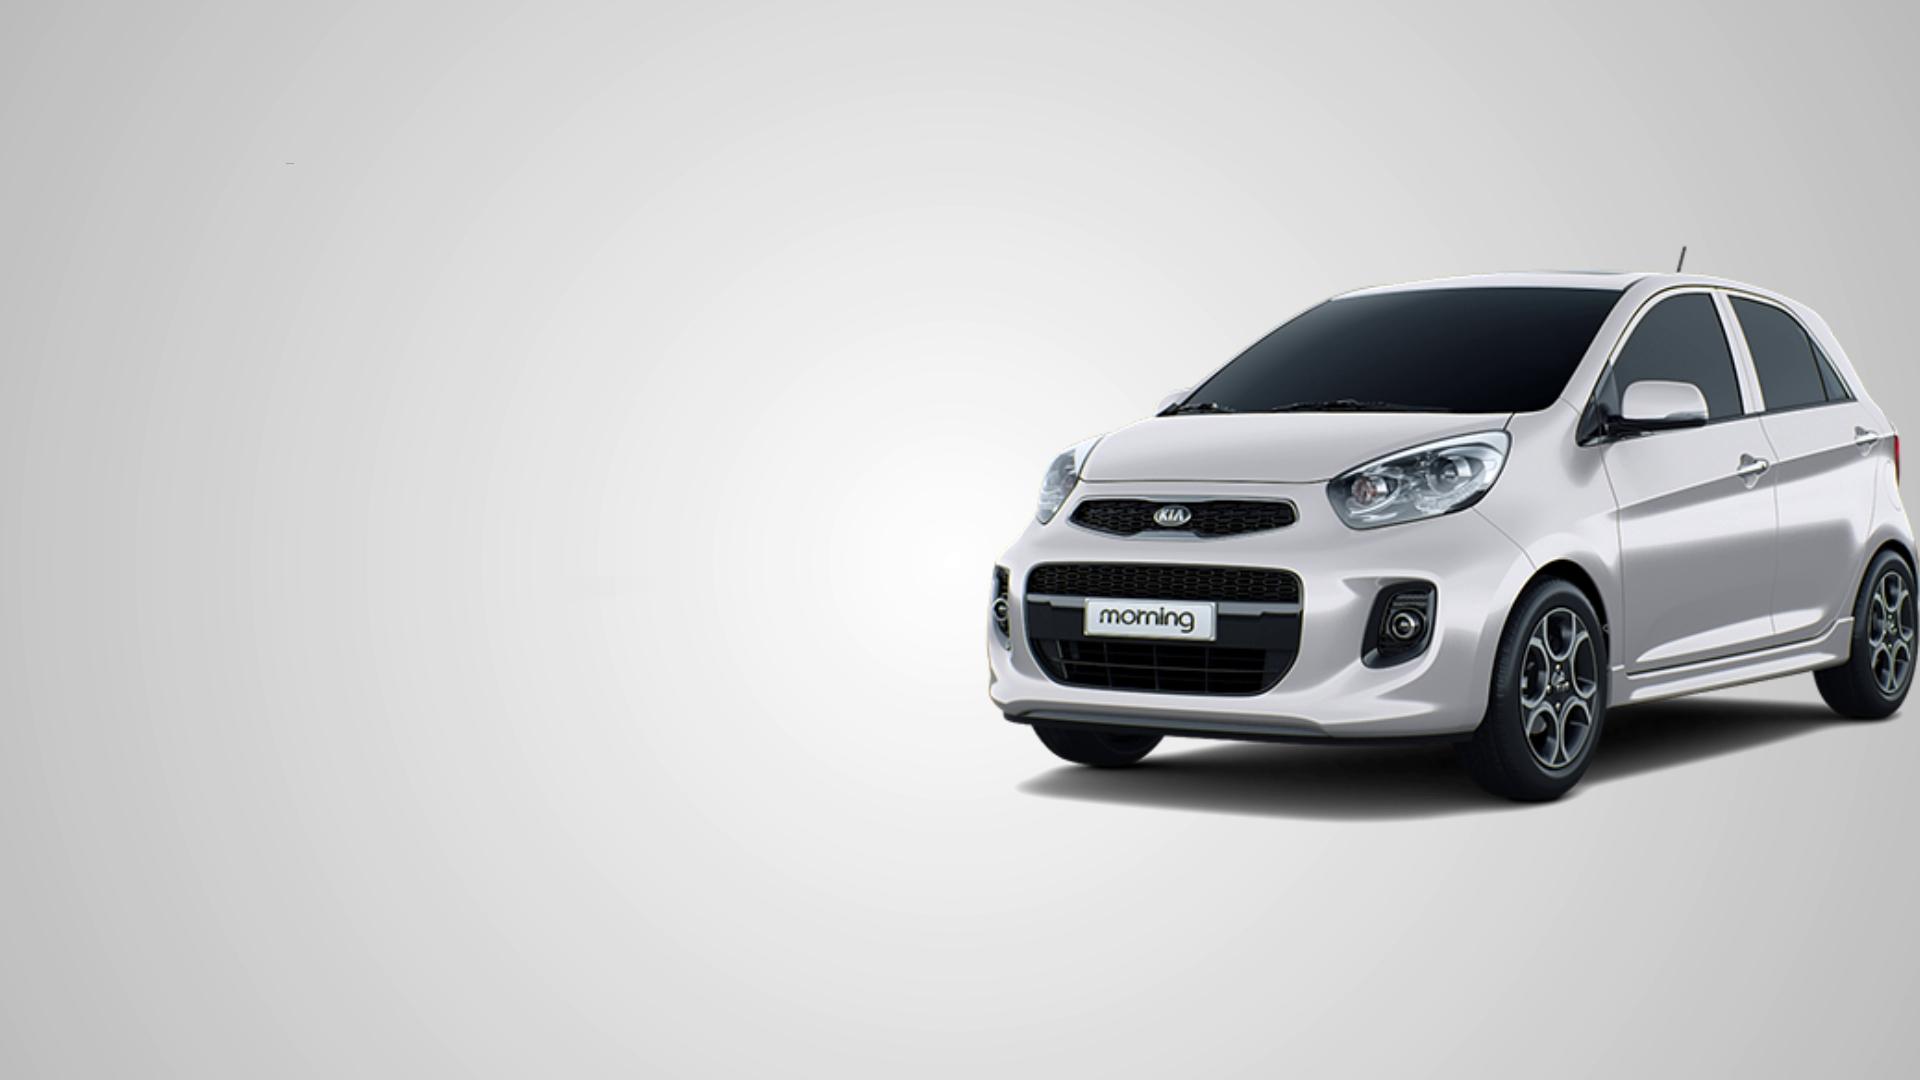 """Đây là mẫu xe hơi bán """"chạy"""" nhất tại thị trường Việt Nam"""